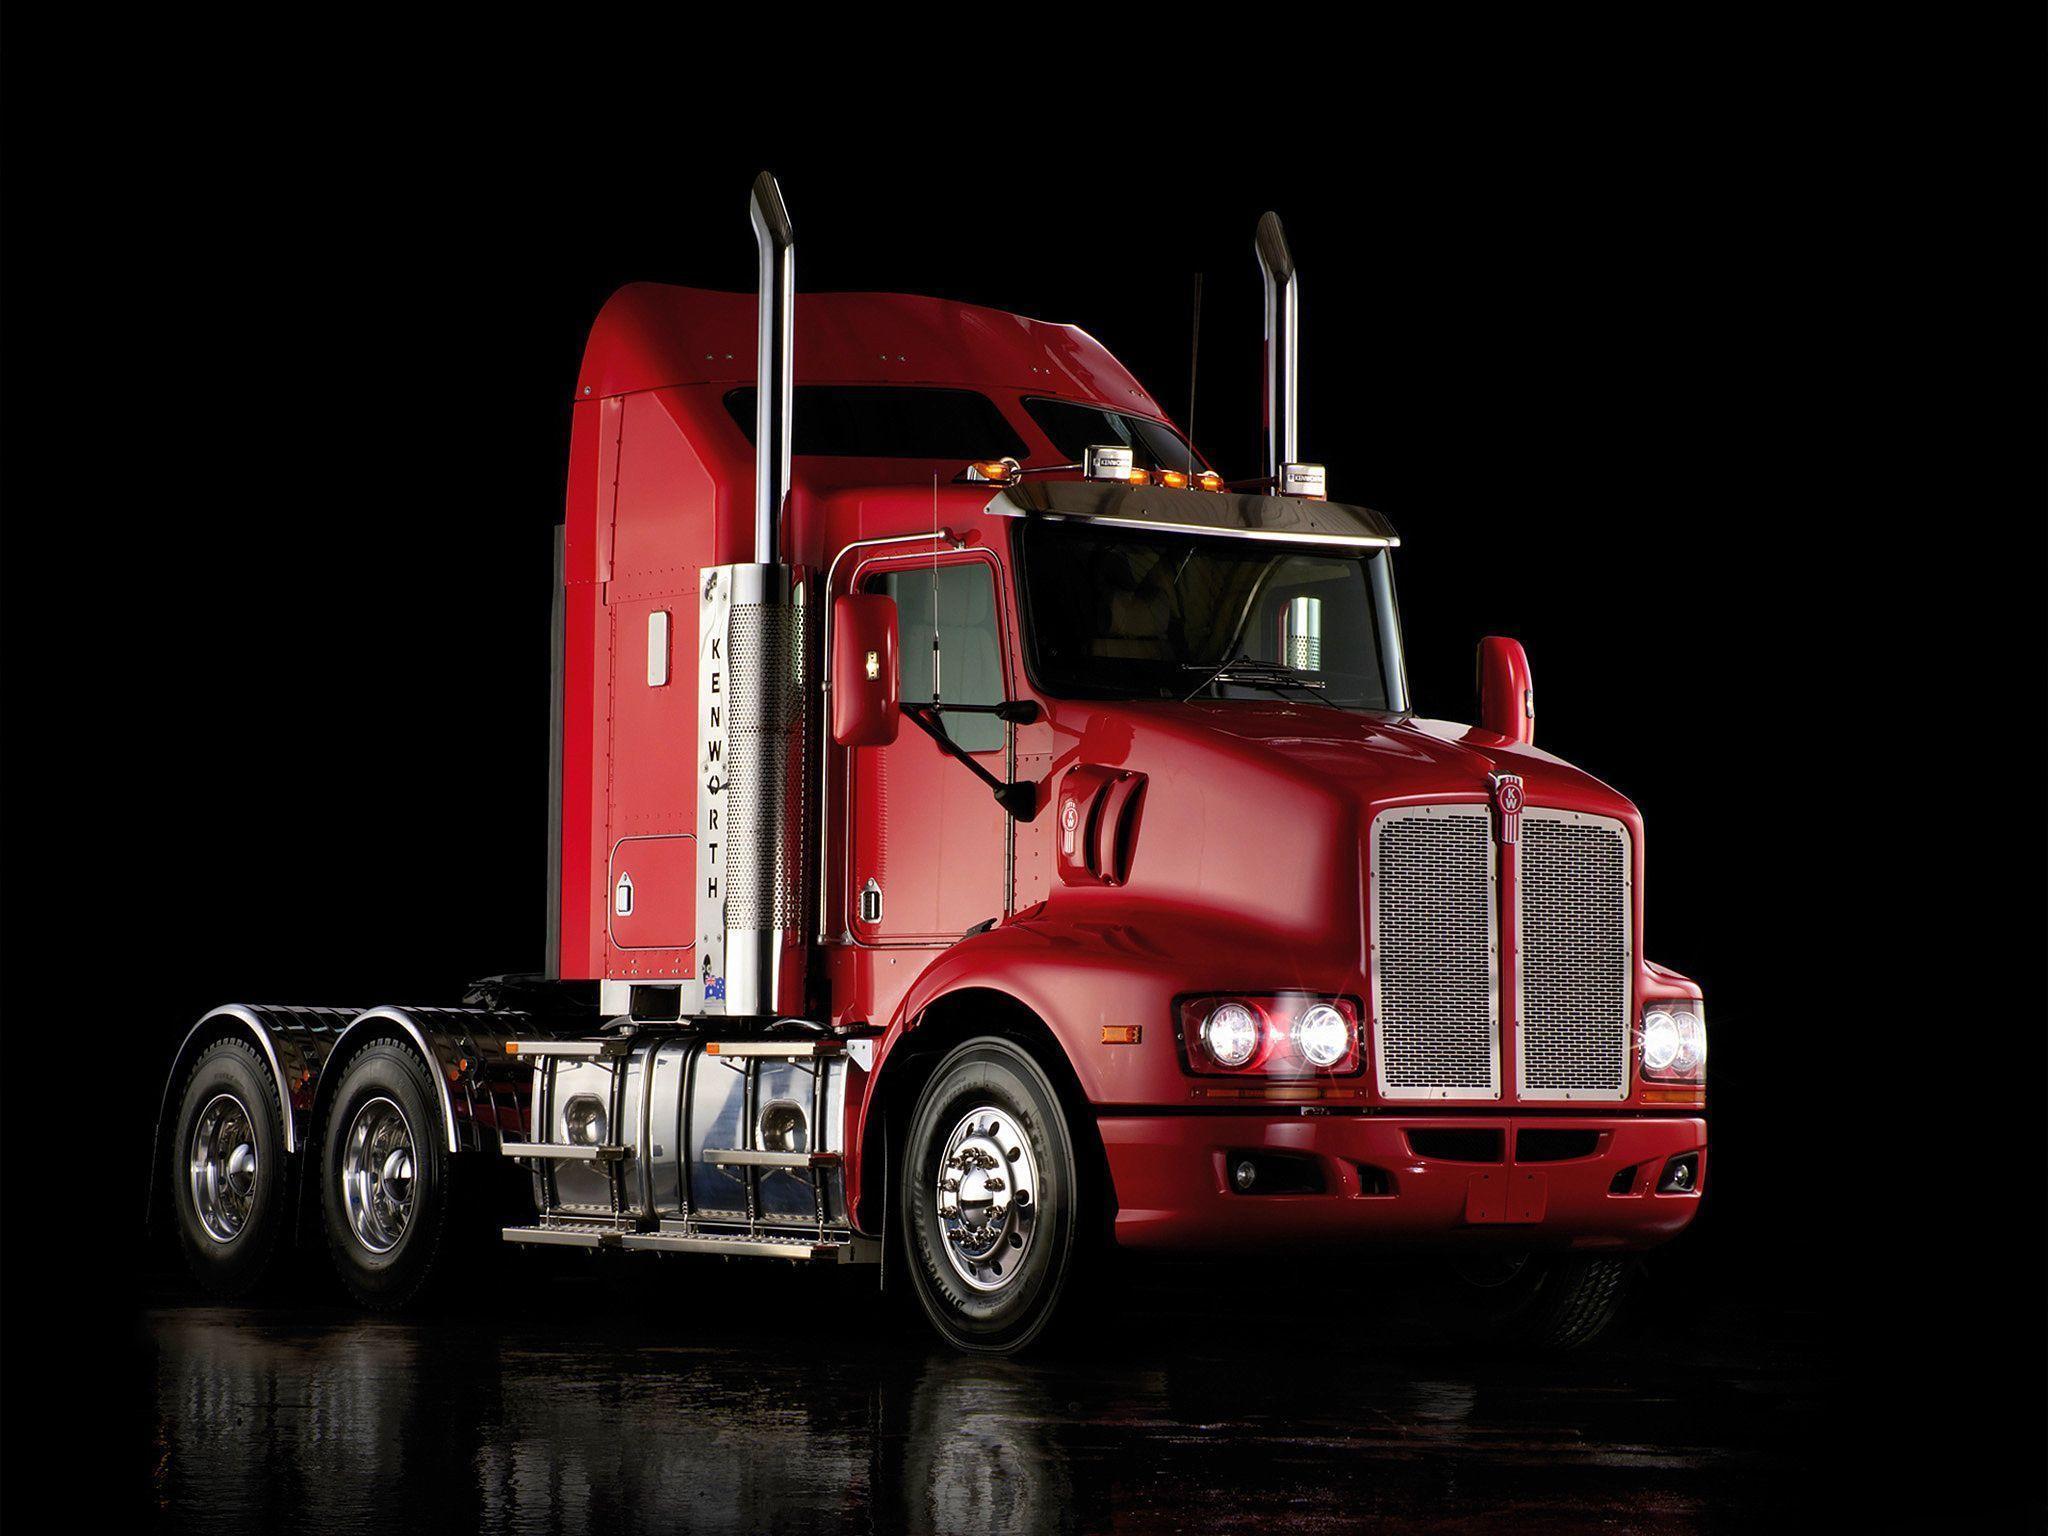 Fondos de Pantalla Camion Kenworth Coches, desktop foto gratis 279280